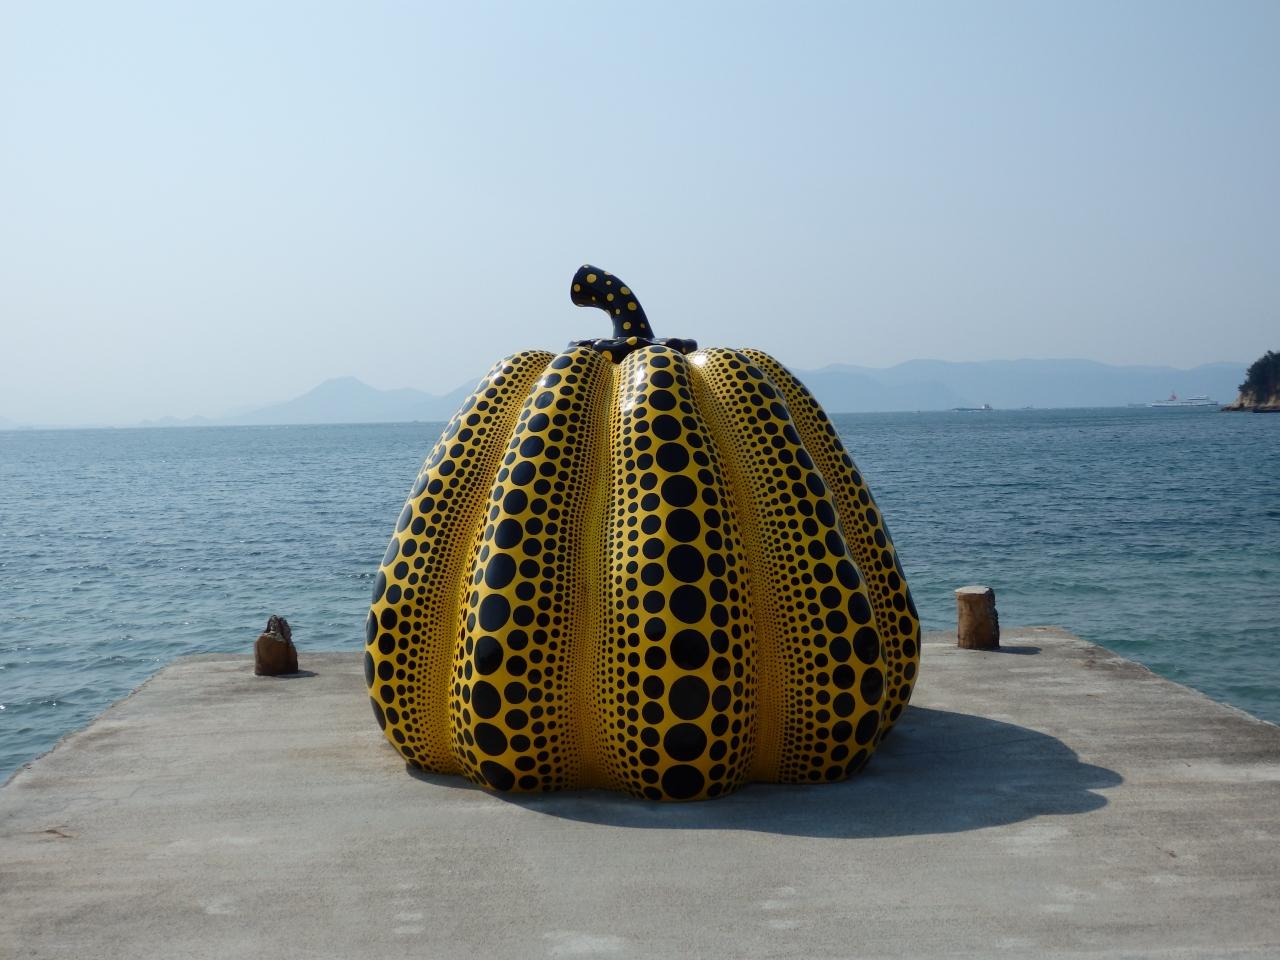 香川・豊島の観光おすすめモデルコース!自転車でアートの島を満喫!